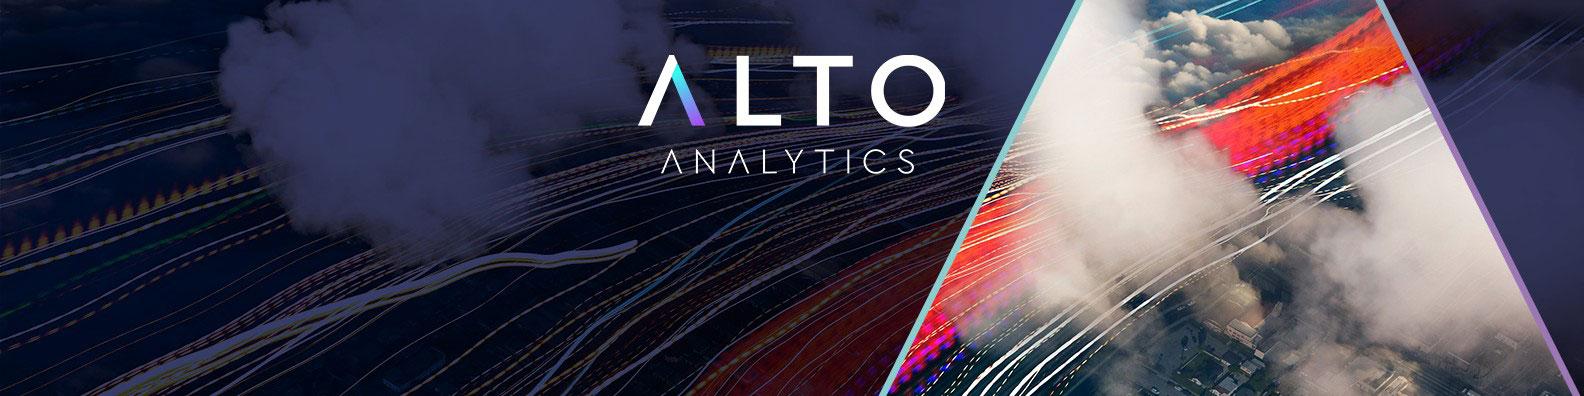 پلتفرم Alto Analytics